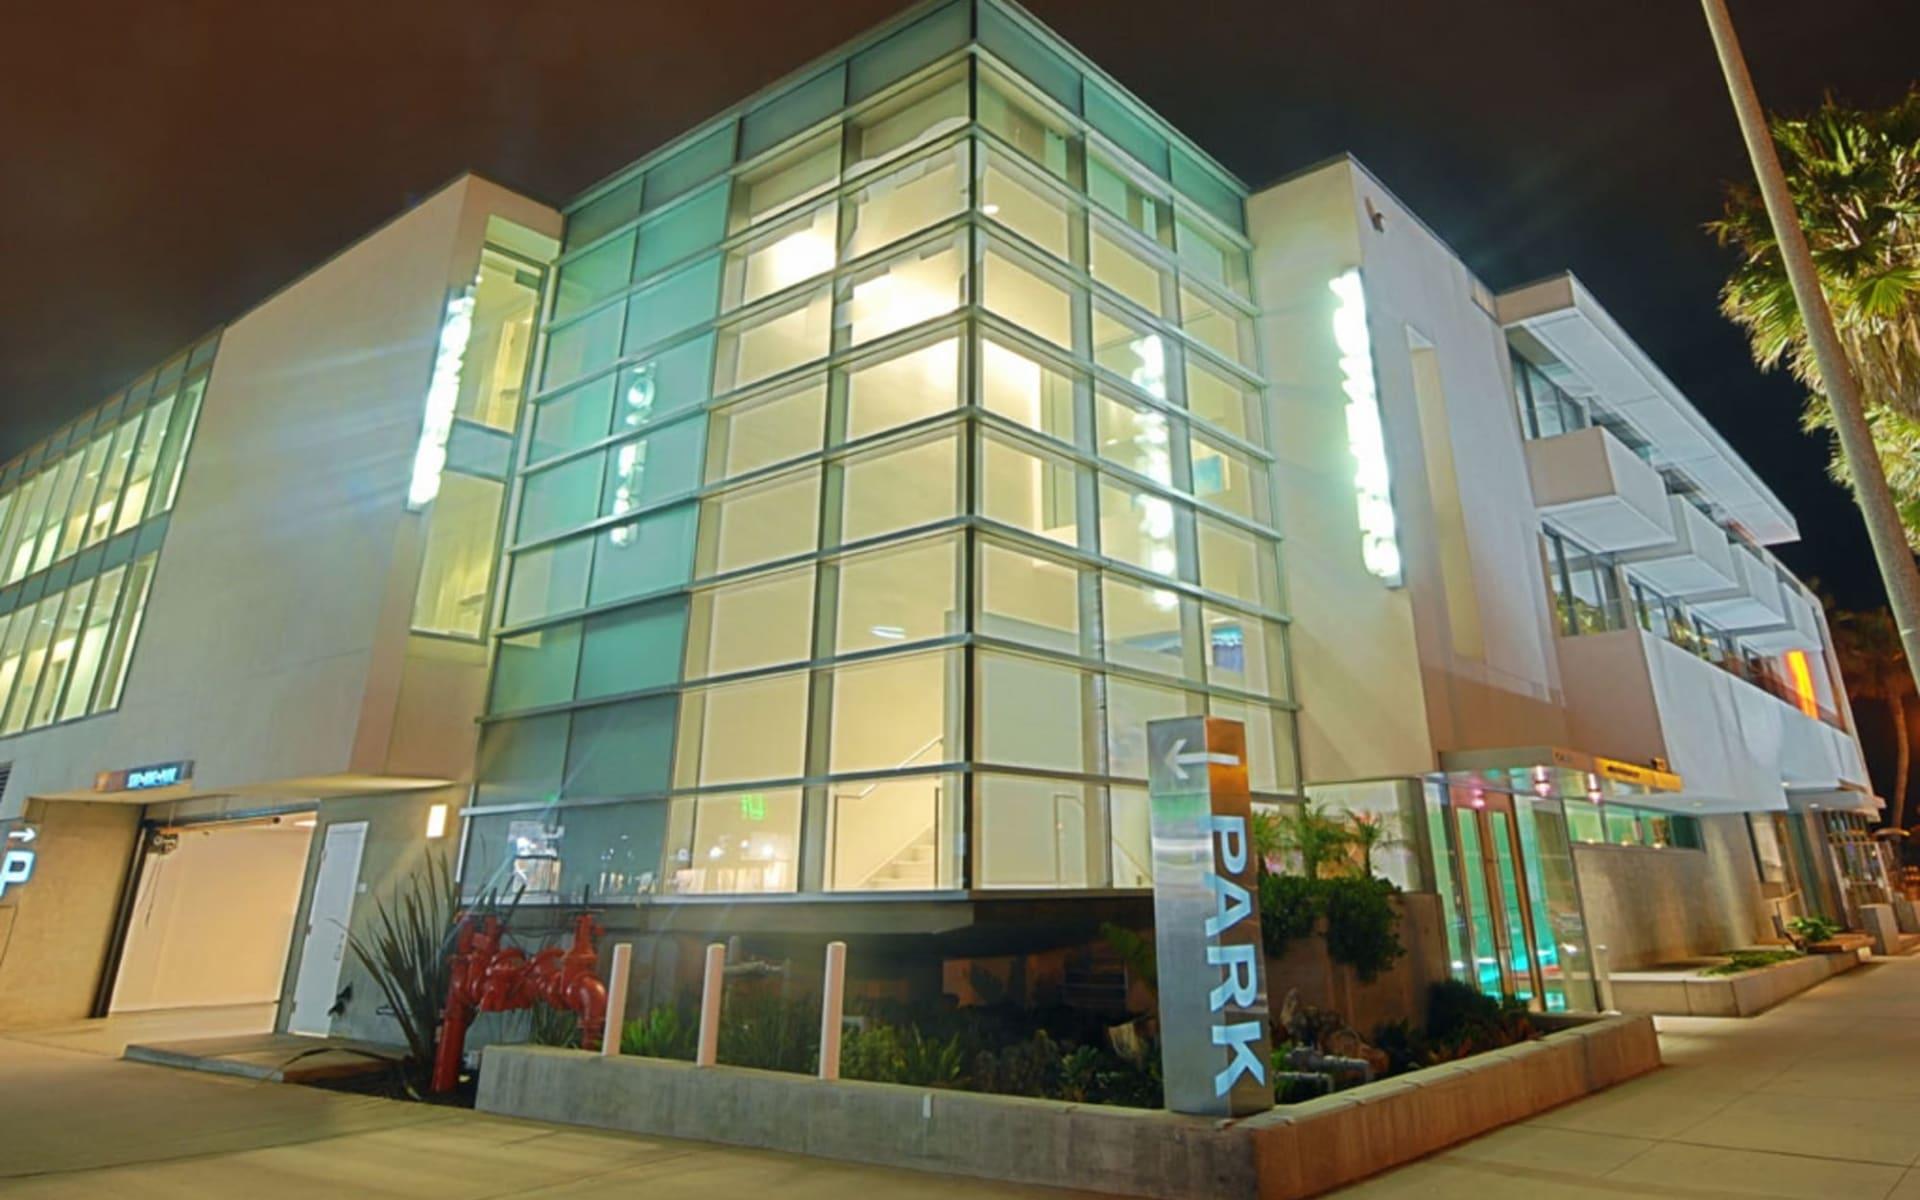 Tower 23 Hotel in San Diego: Exterior_Tower 23_Aussenansicht bei Nacht_Bonotel